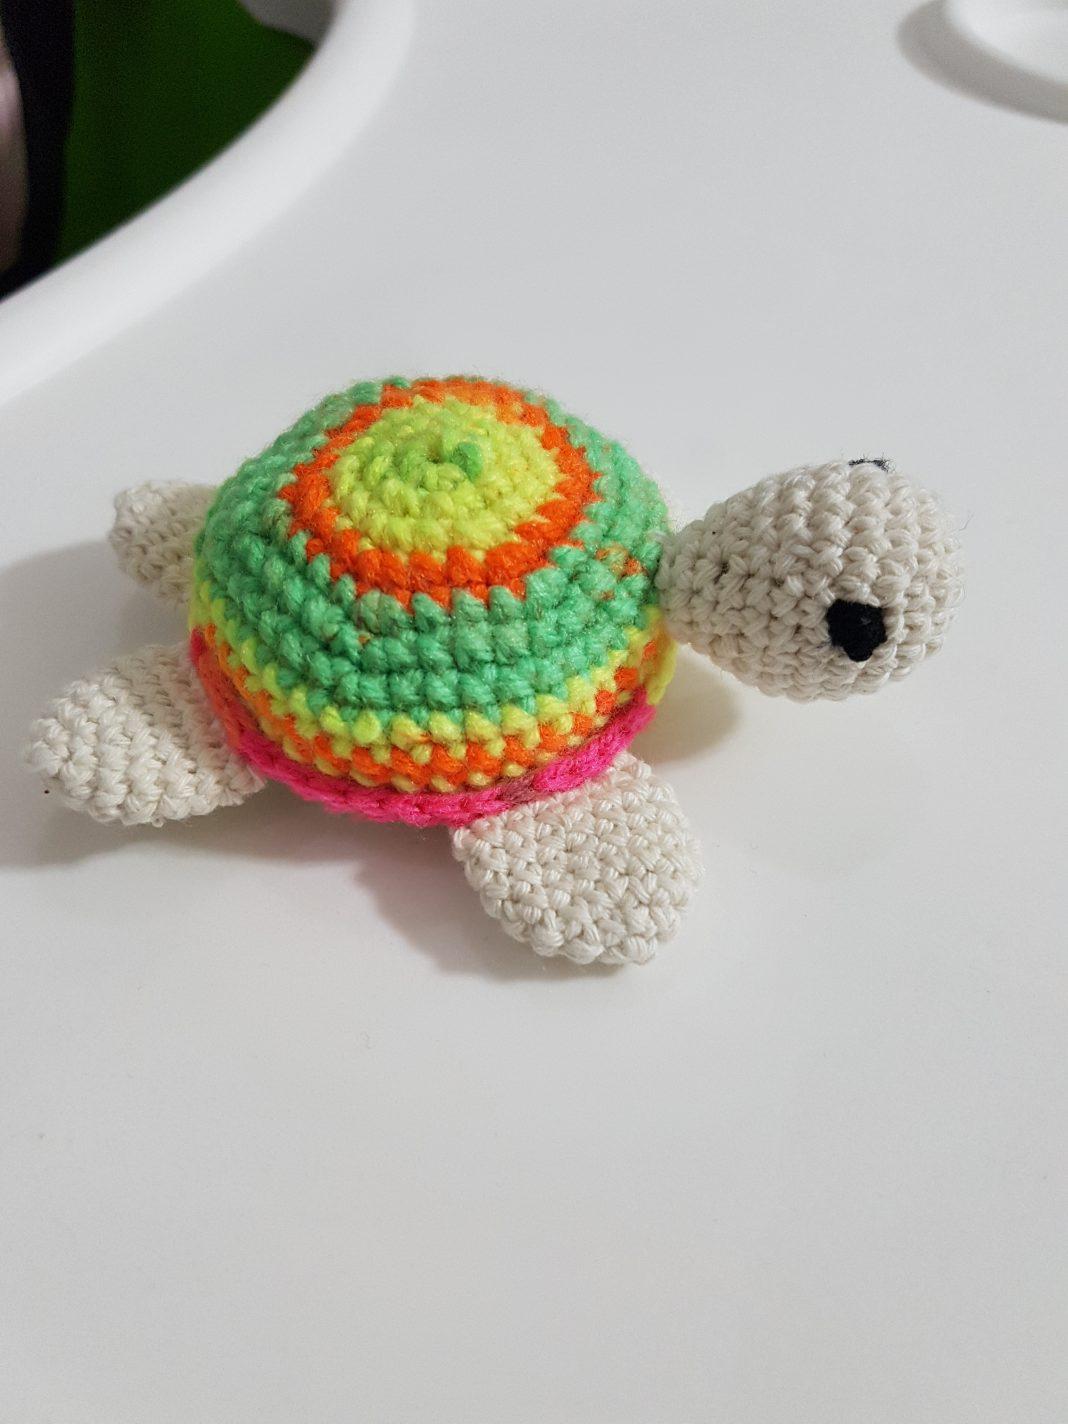 amigurumi-renkli-minik-kaplumbaga-yapimi